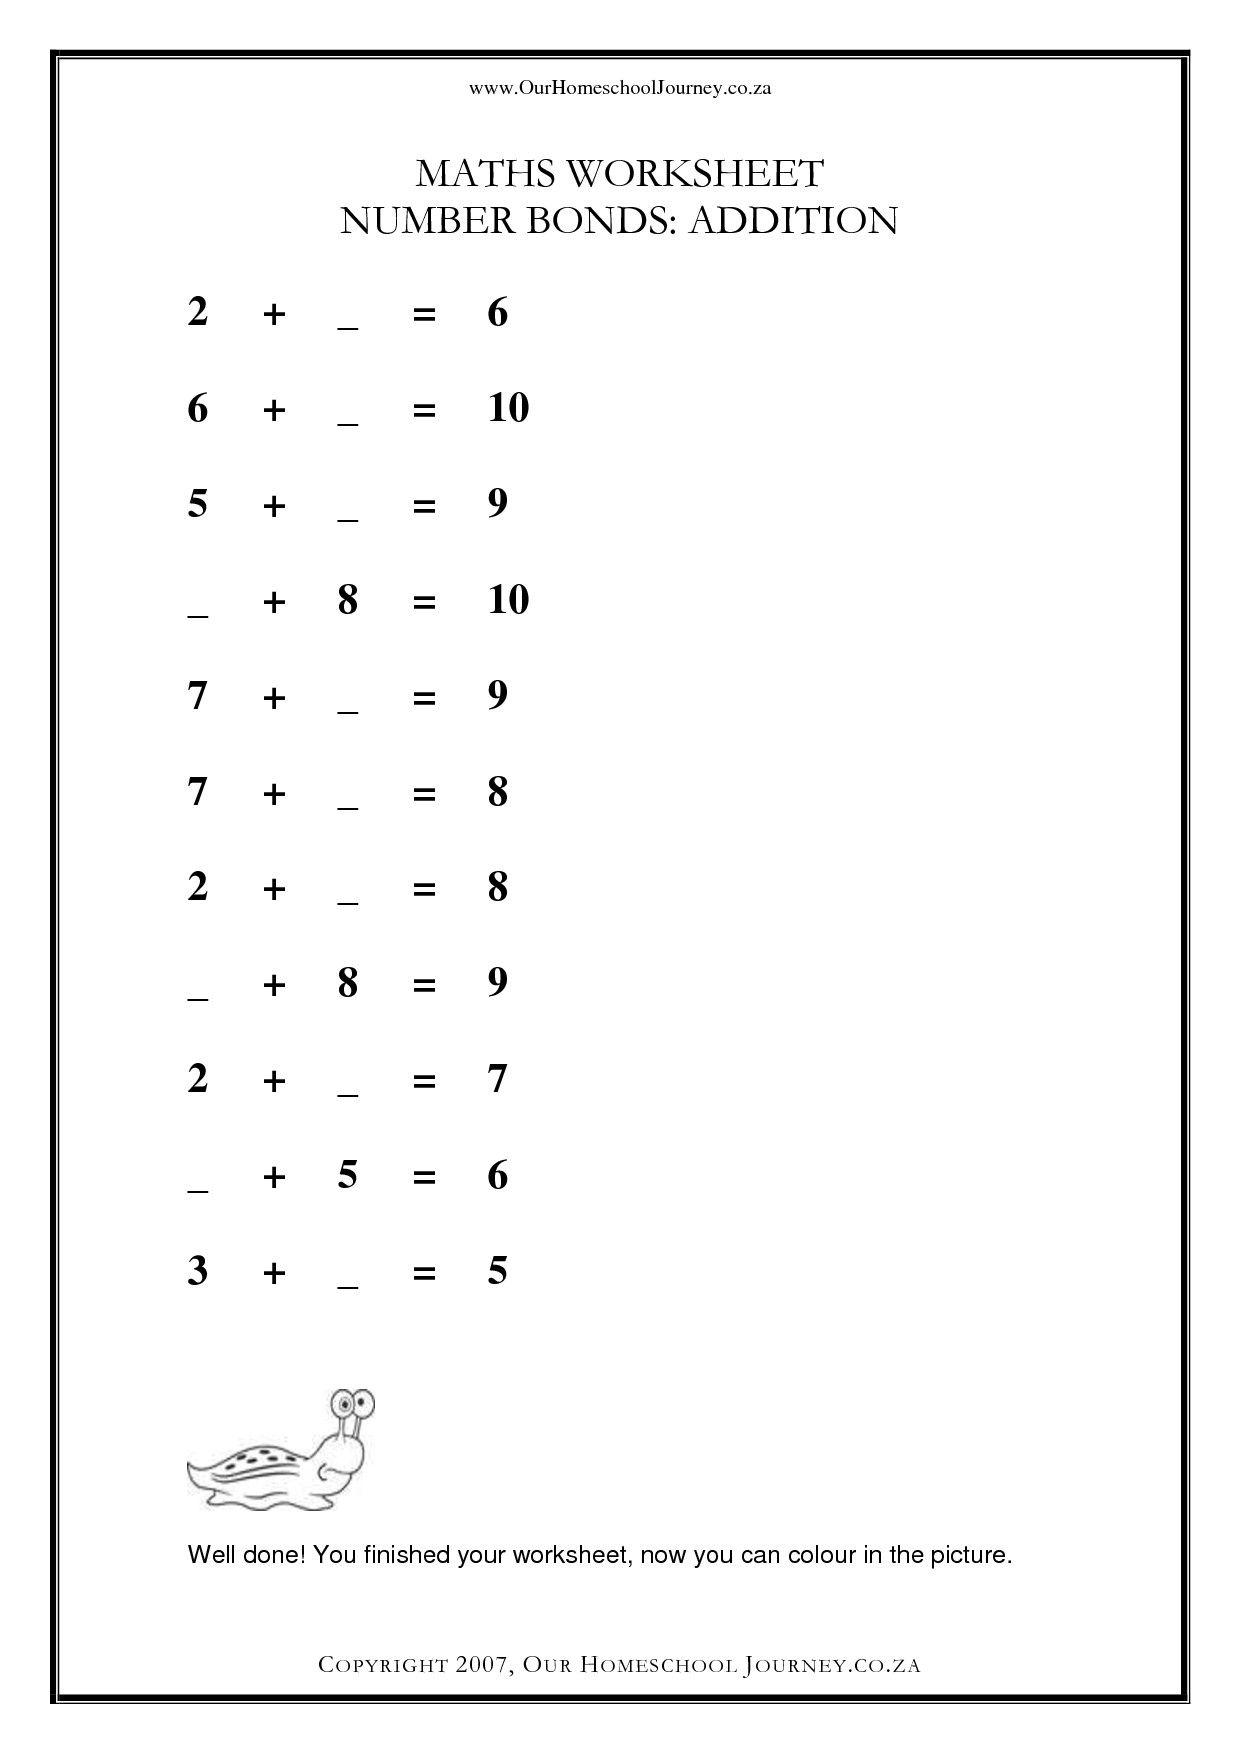 33 Innovative Number Bonds Worksheets Design With Images